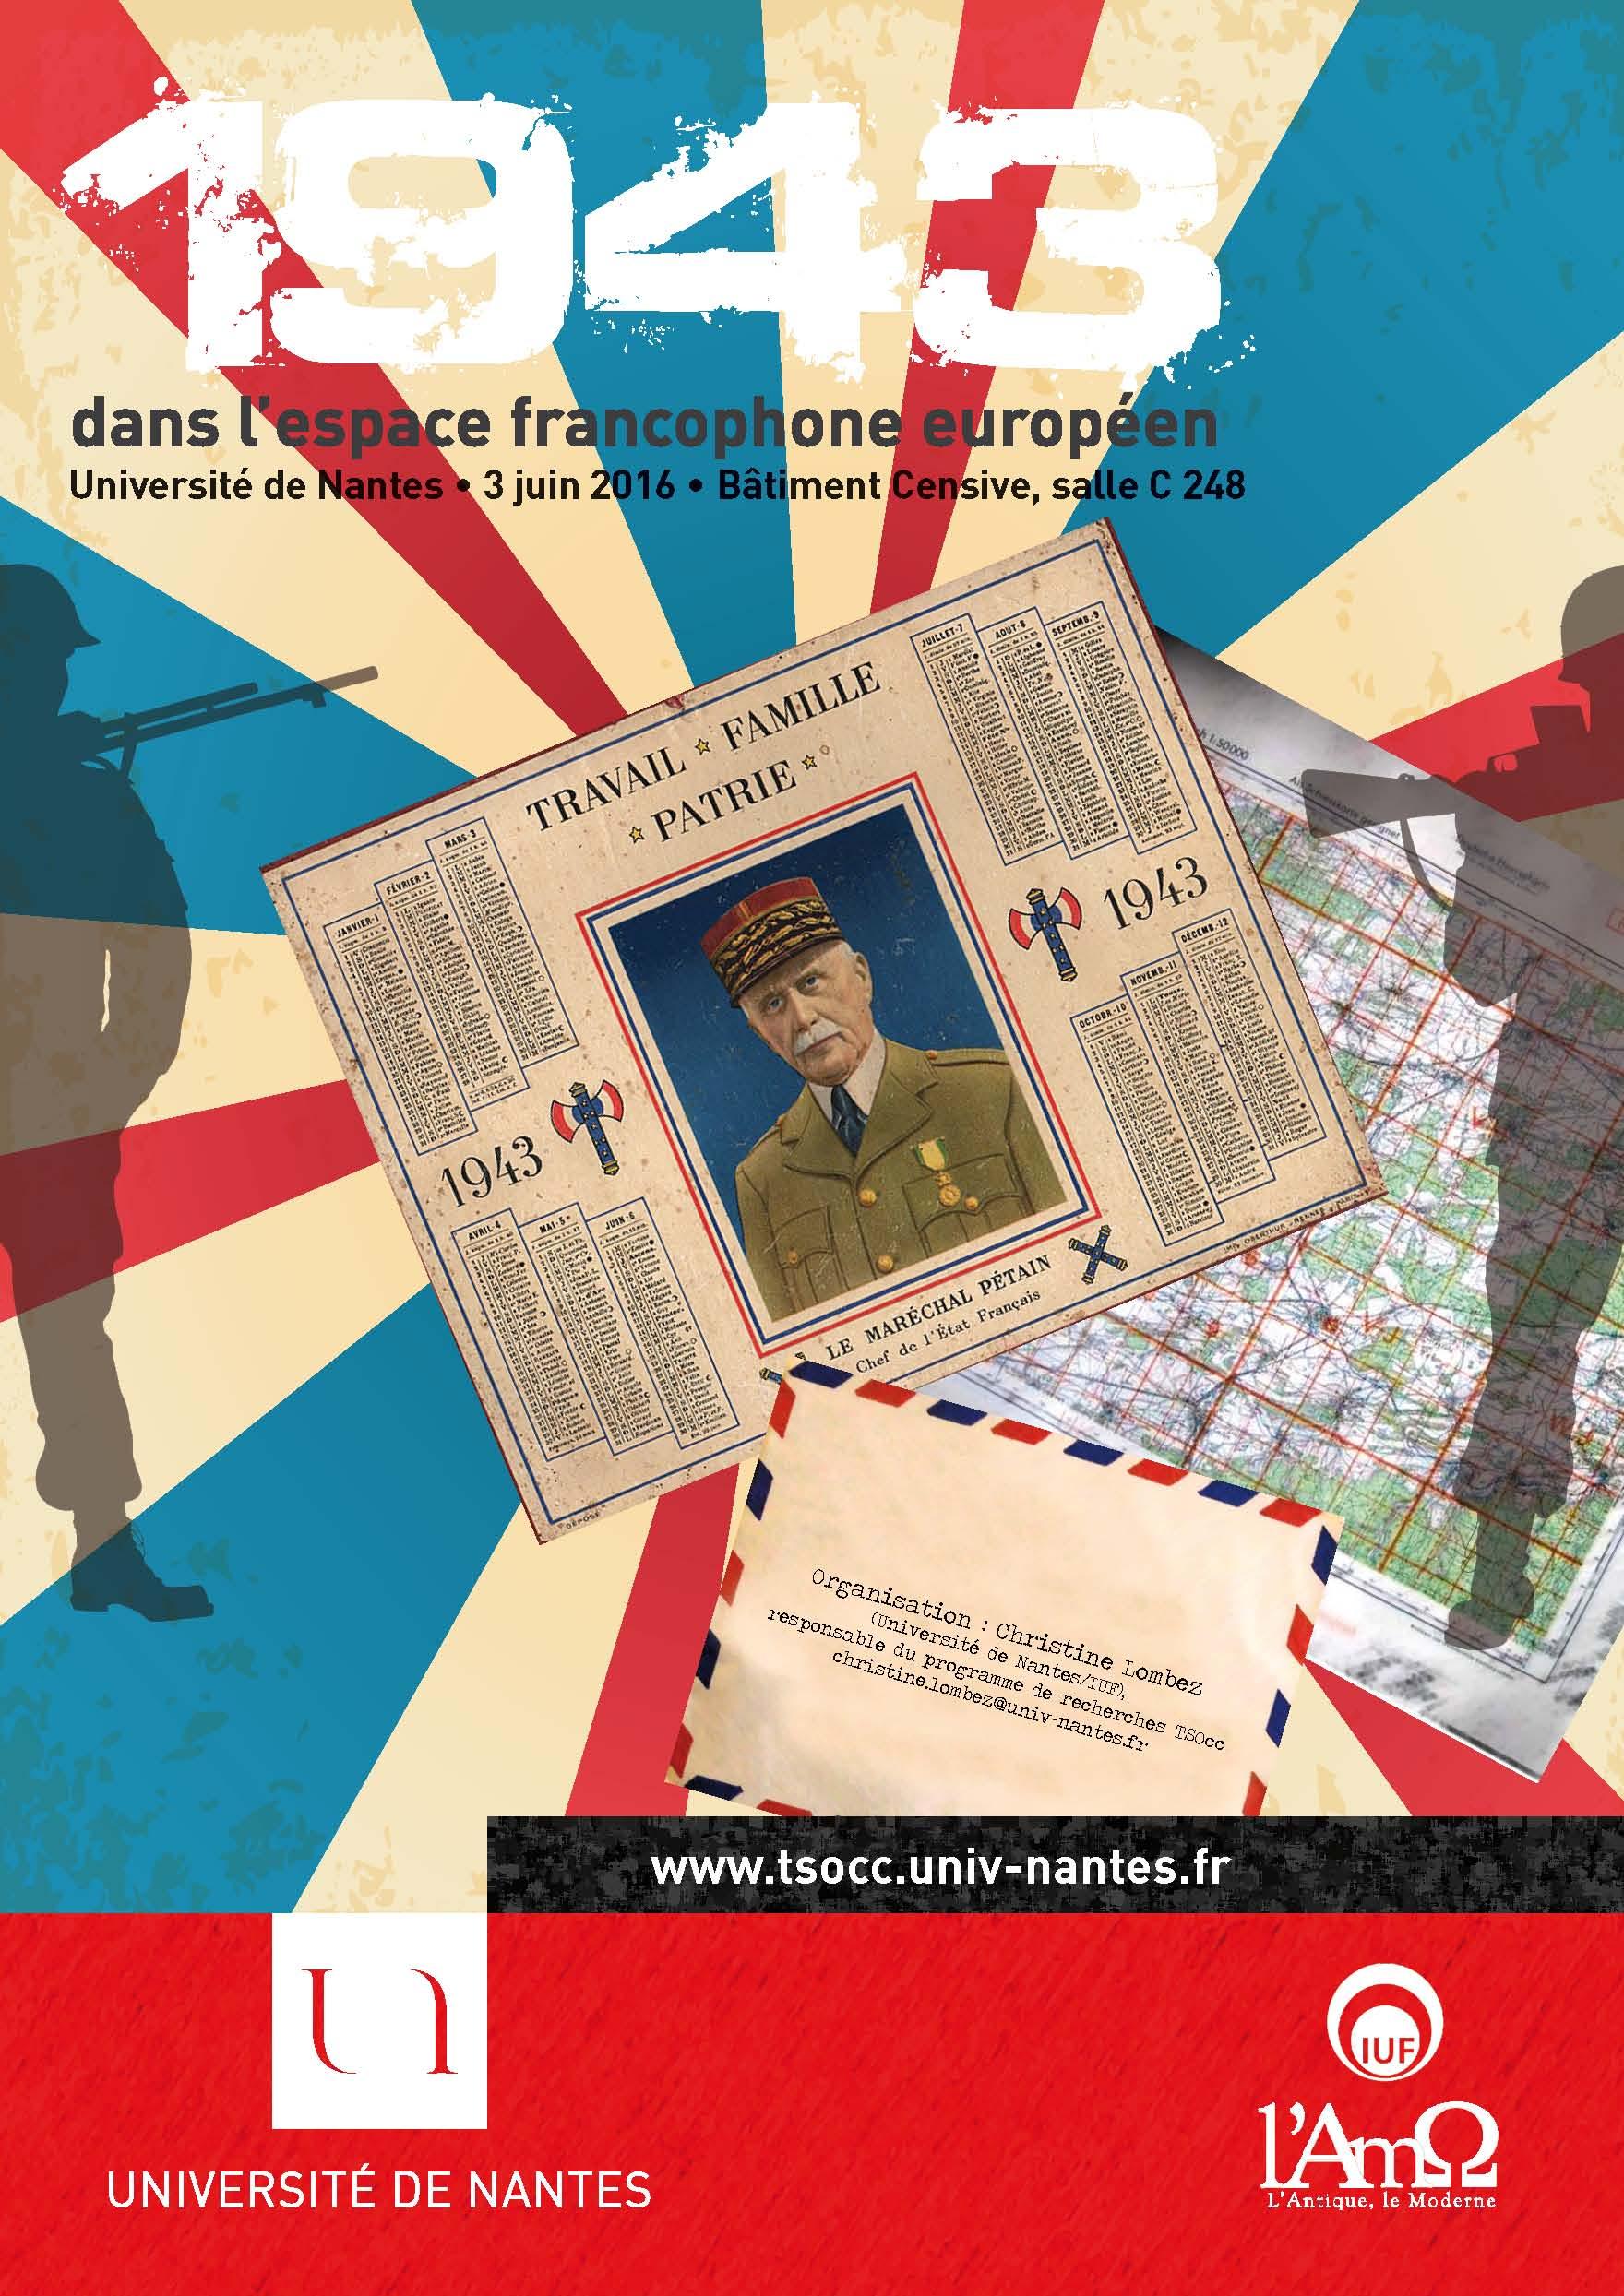 Traductions sous l'Occupation : 1943 dans l'espace francophone européen